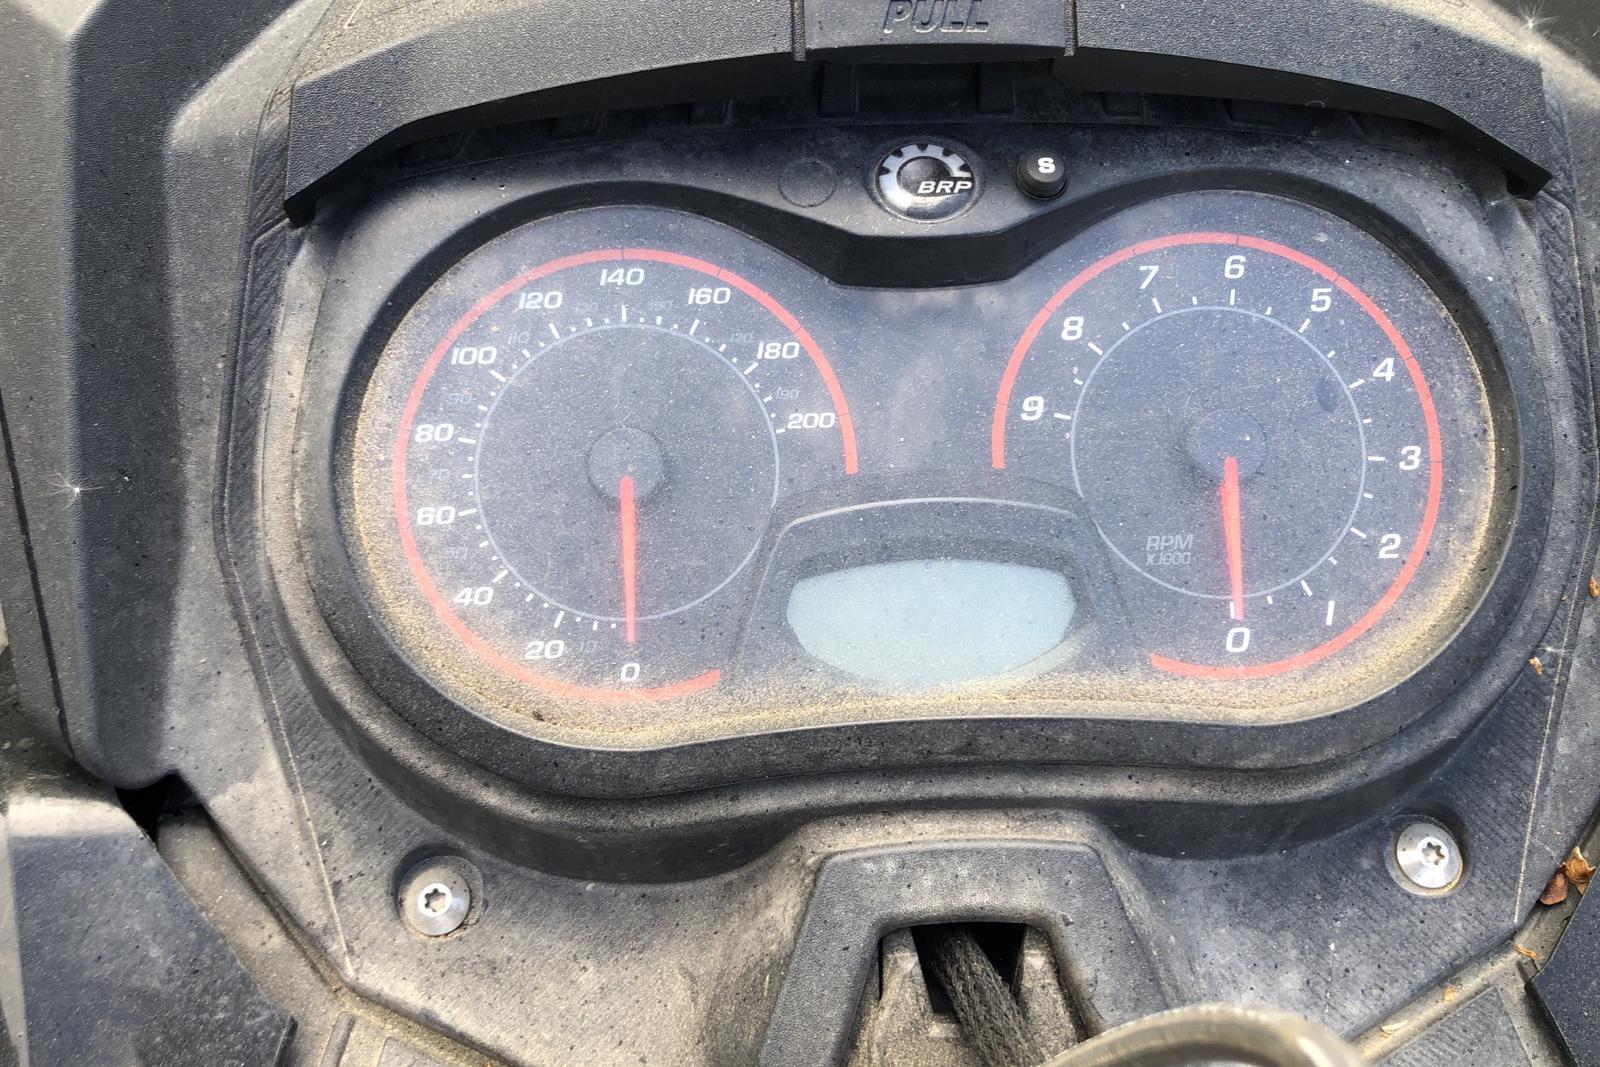 LYNX BOONDOCKER 600 E-TEC 3900 Snöskoter - 5 540 km - Automatic - 2014